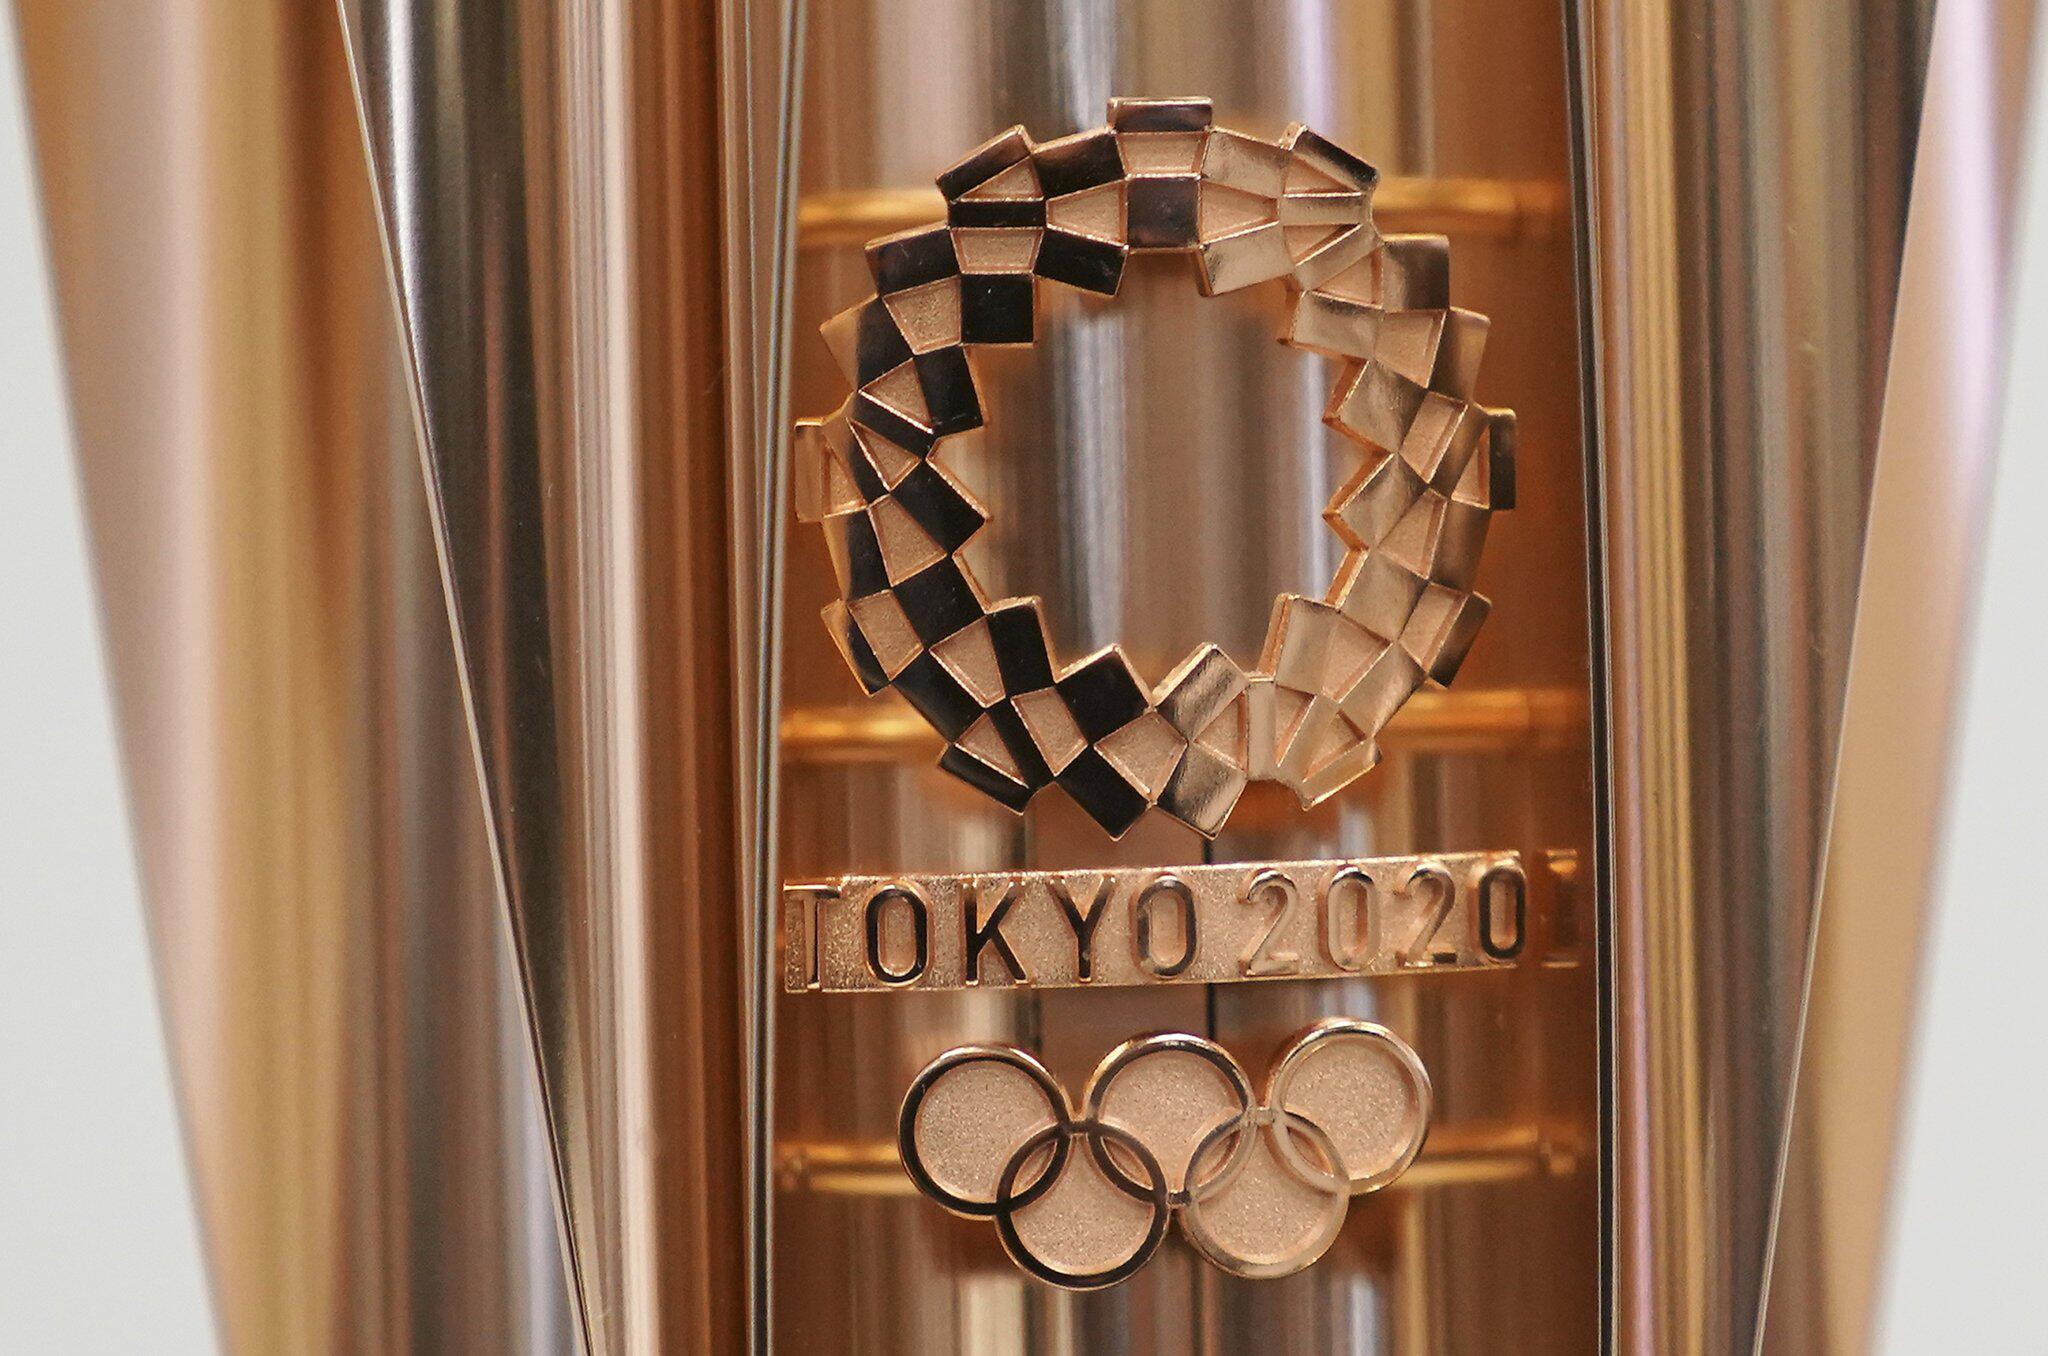 Bild zu Vor Olympia 2020 in Tokio - Enthüllung Olympische Fackel